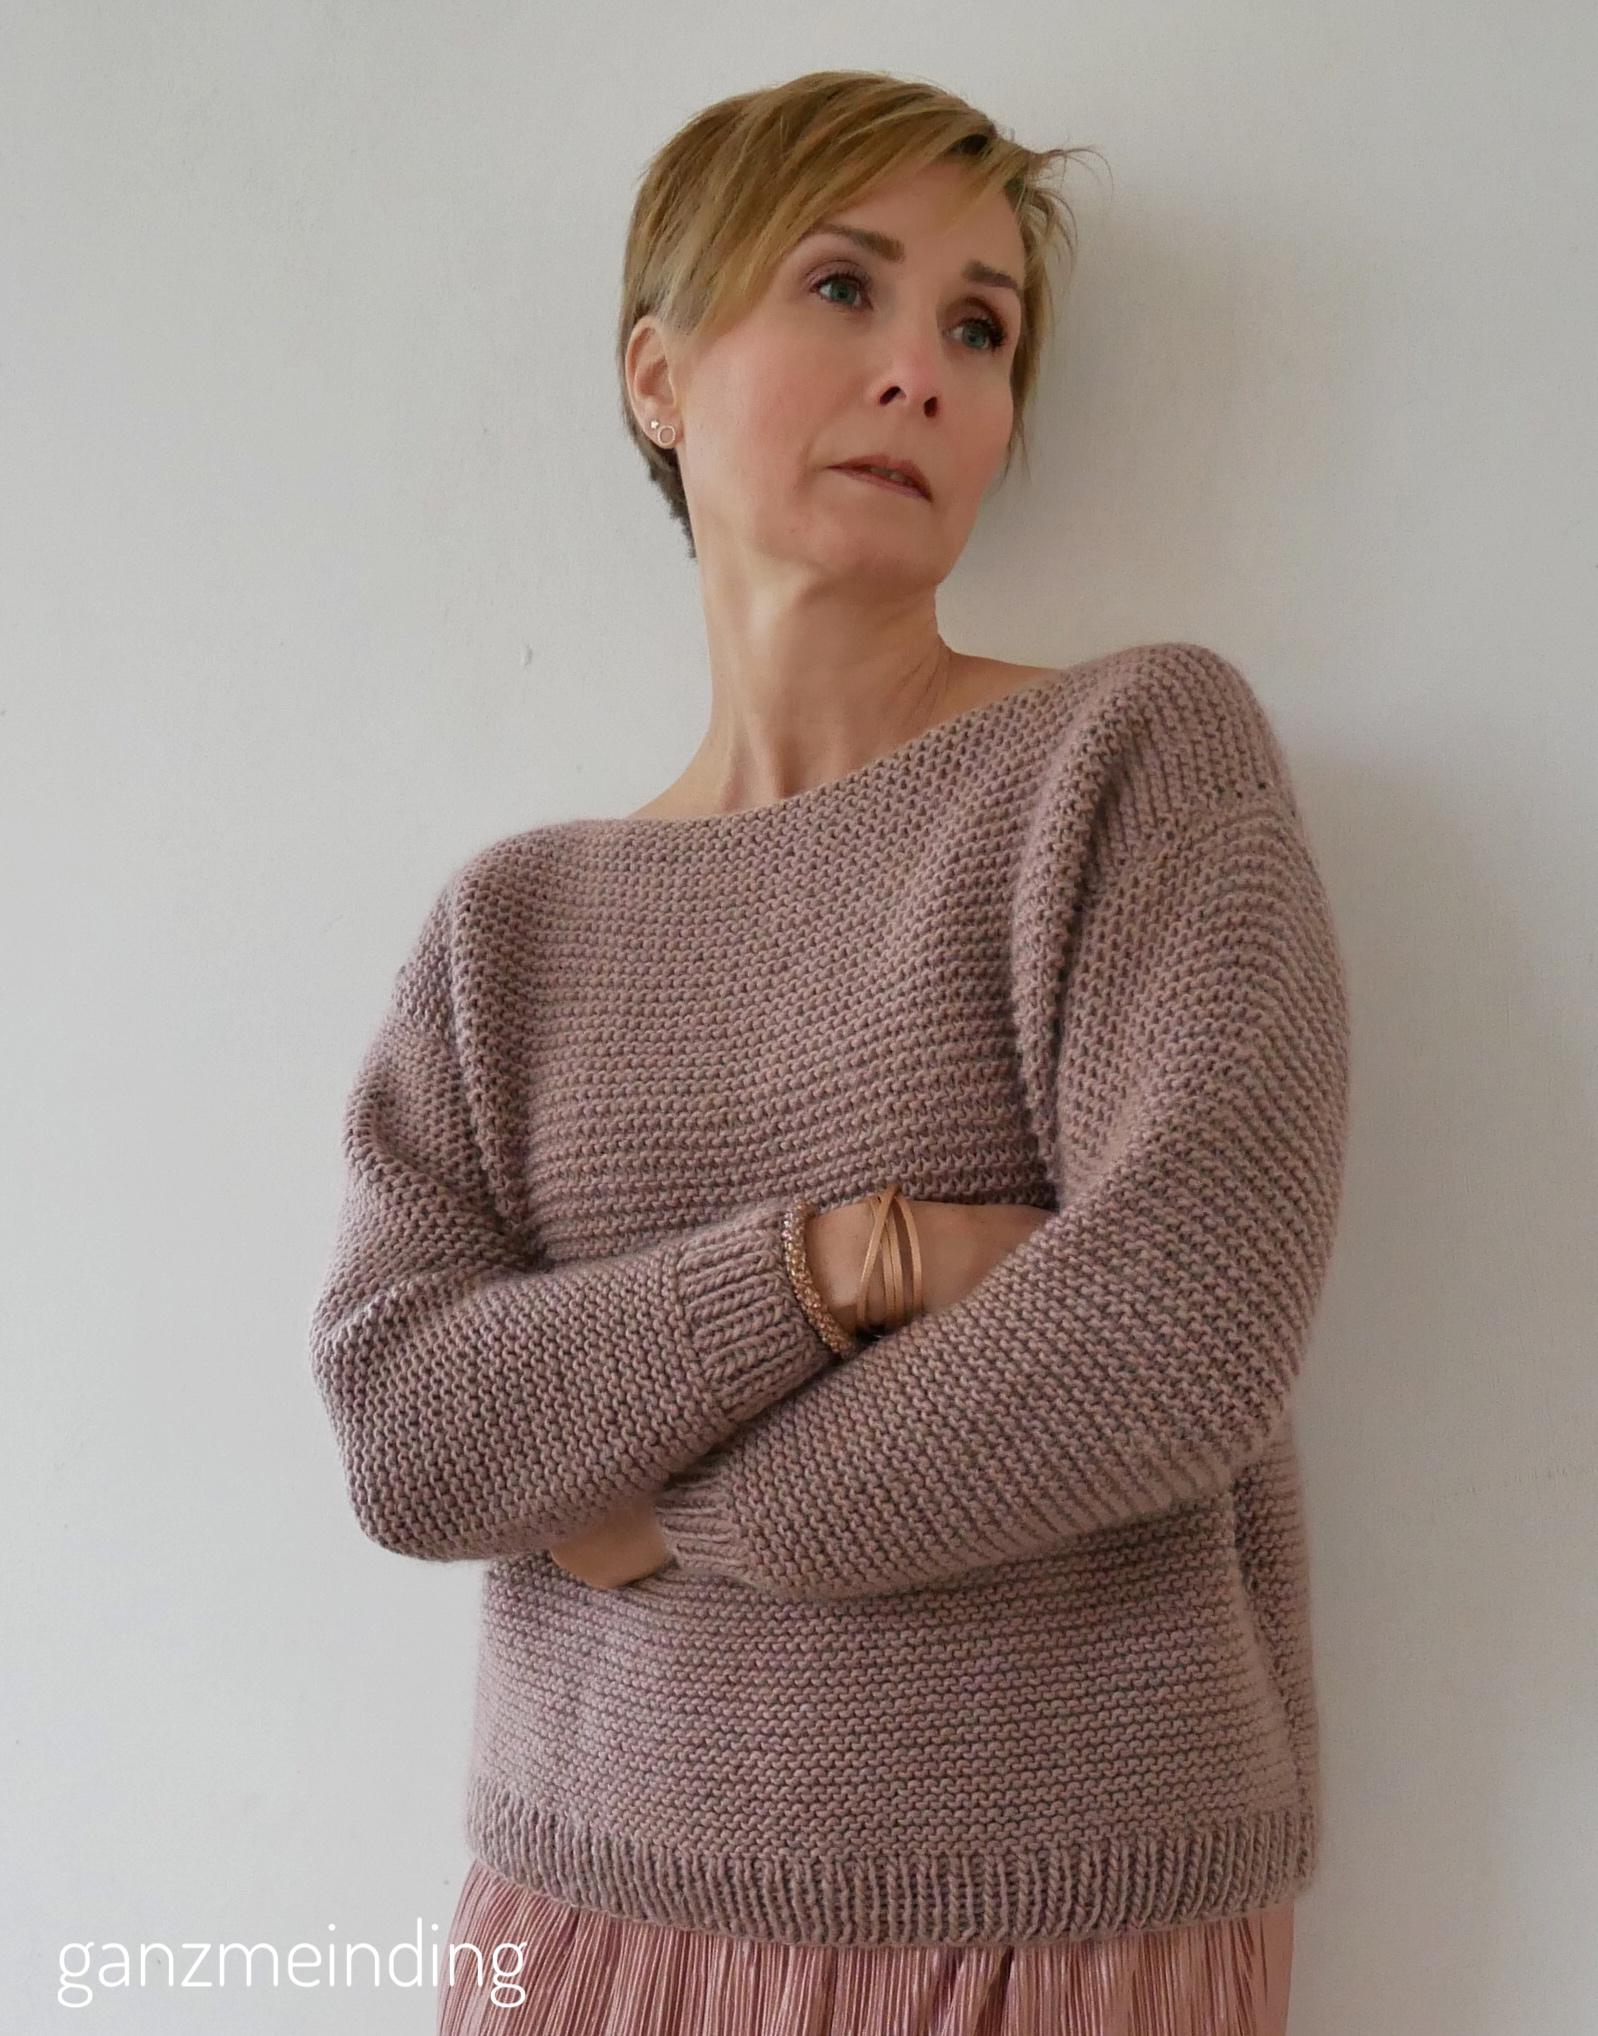 Plisseerock und Dalston Sweater von We are knitters genäht von ganzmeinding 05